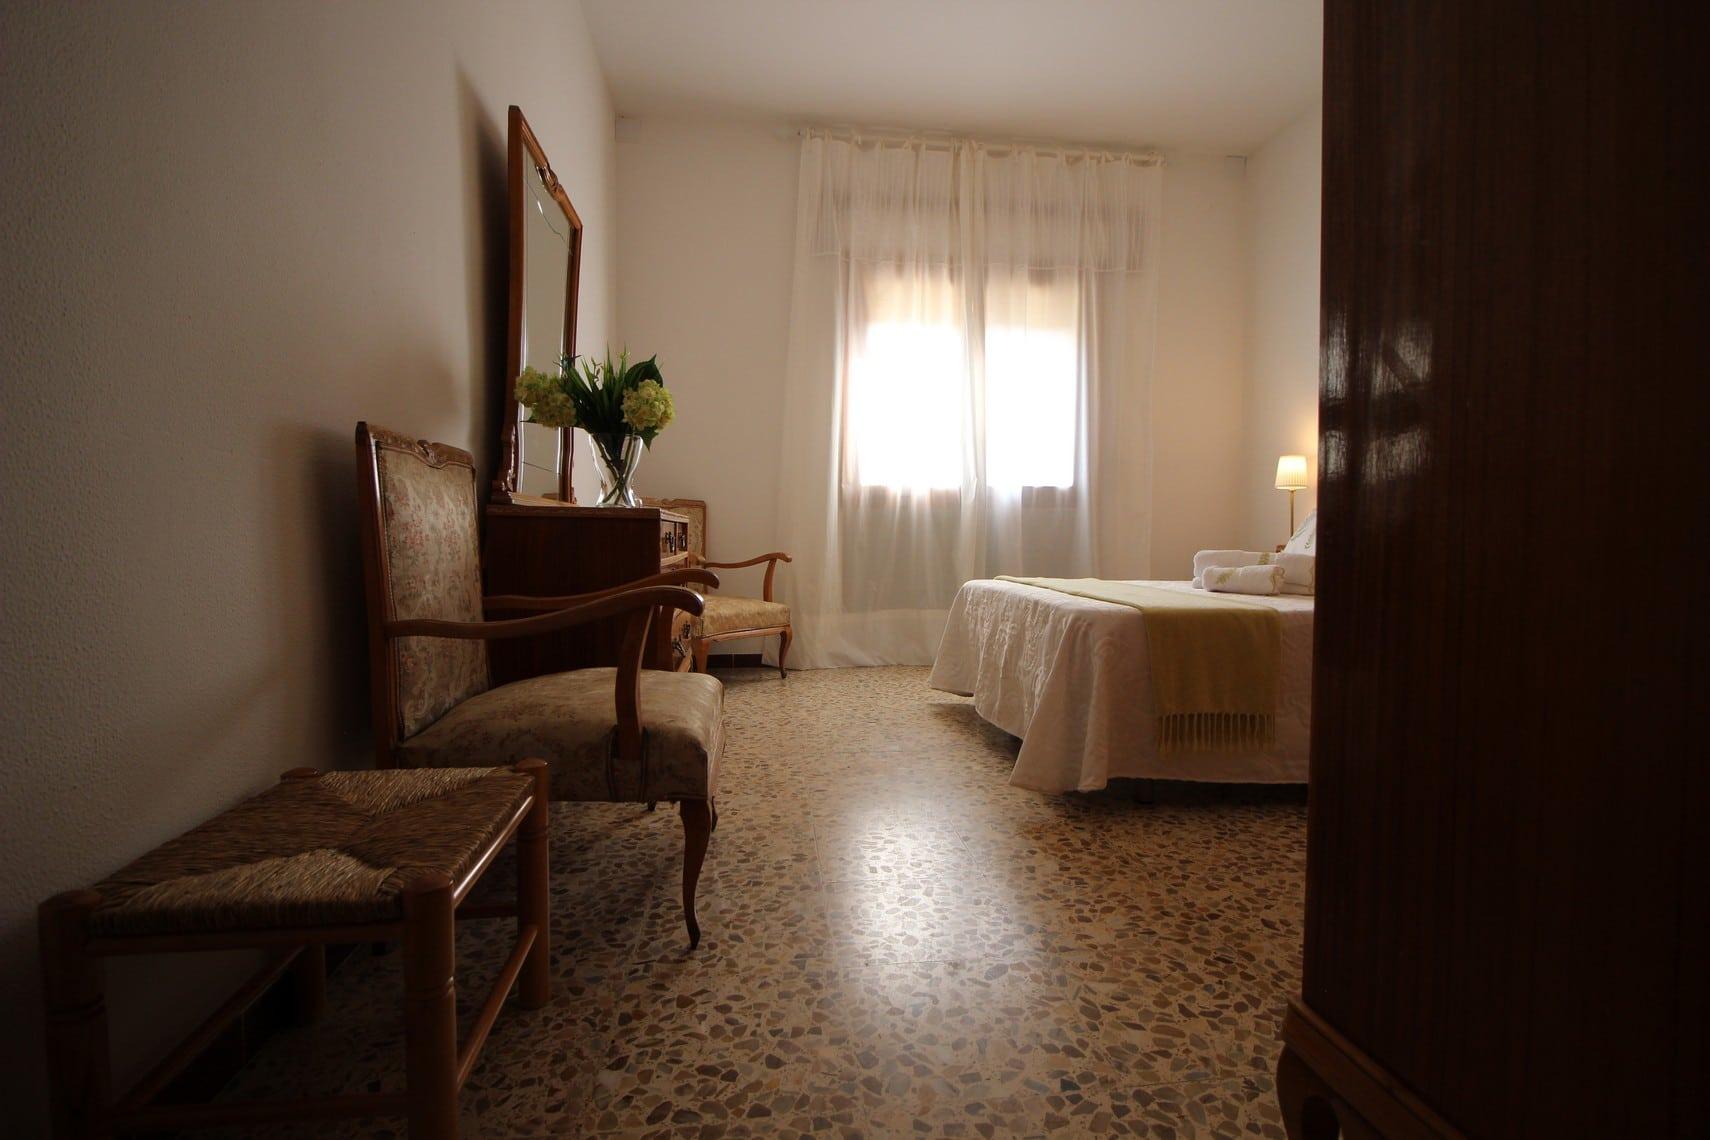 habitación2_las_hazas jarandilla007